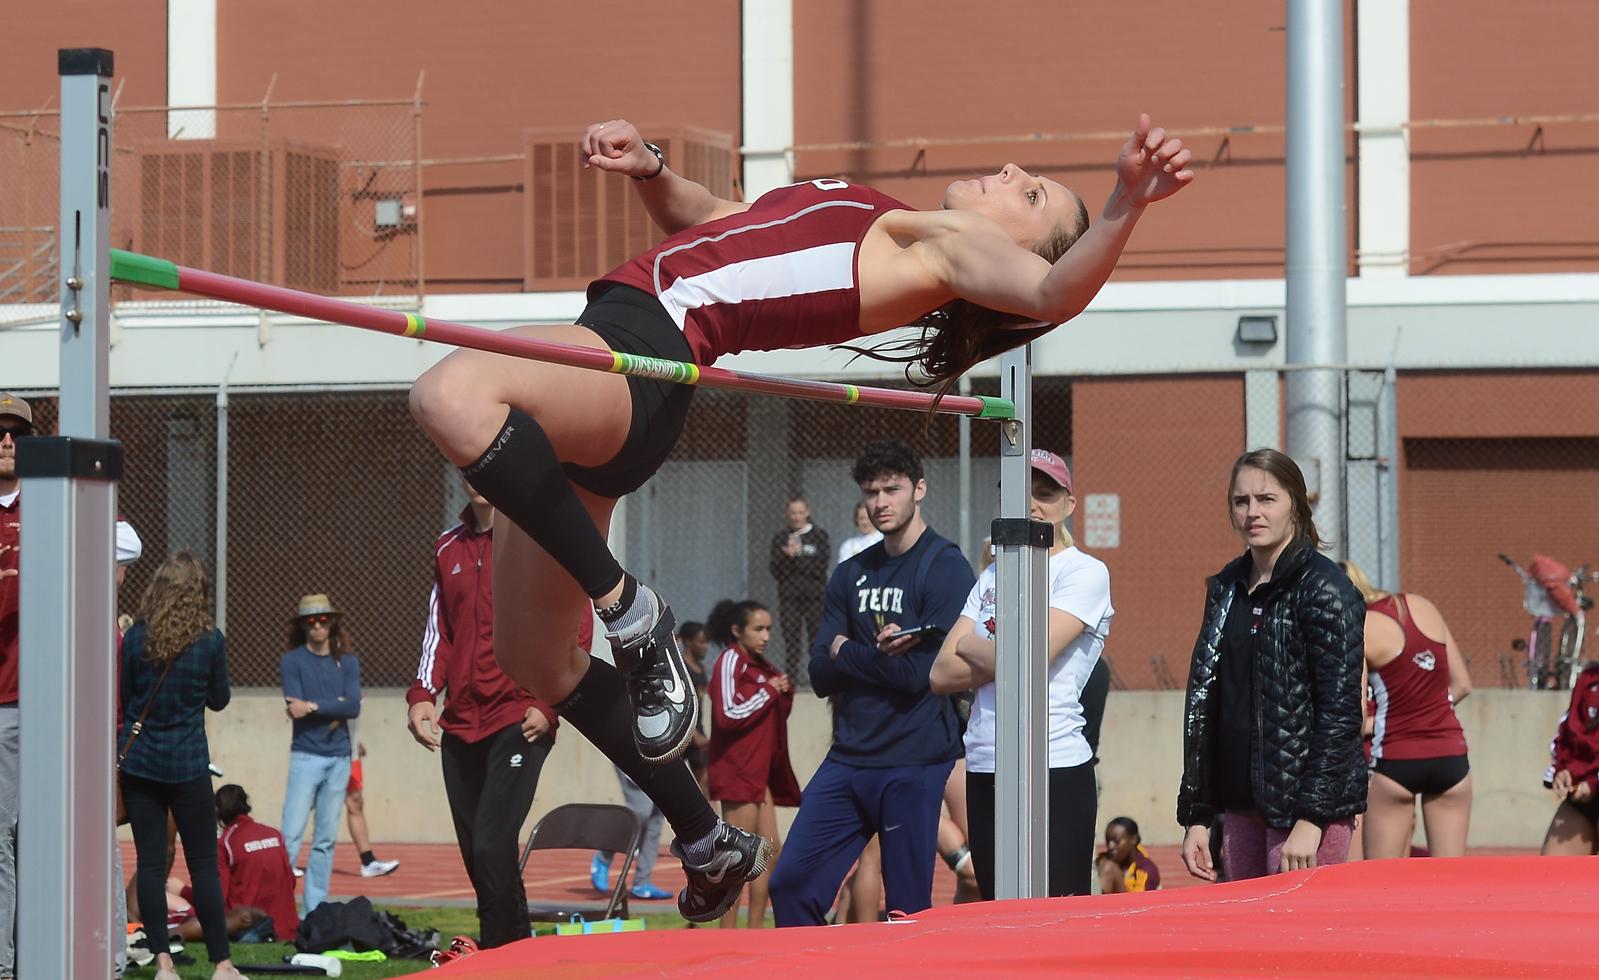 Nadia Torkman high jumps, Saturday, March 10, 2018, in Chico, California. (Carin Dorghalli -- Enterprise-Record)